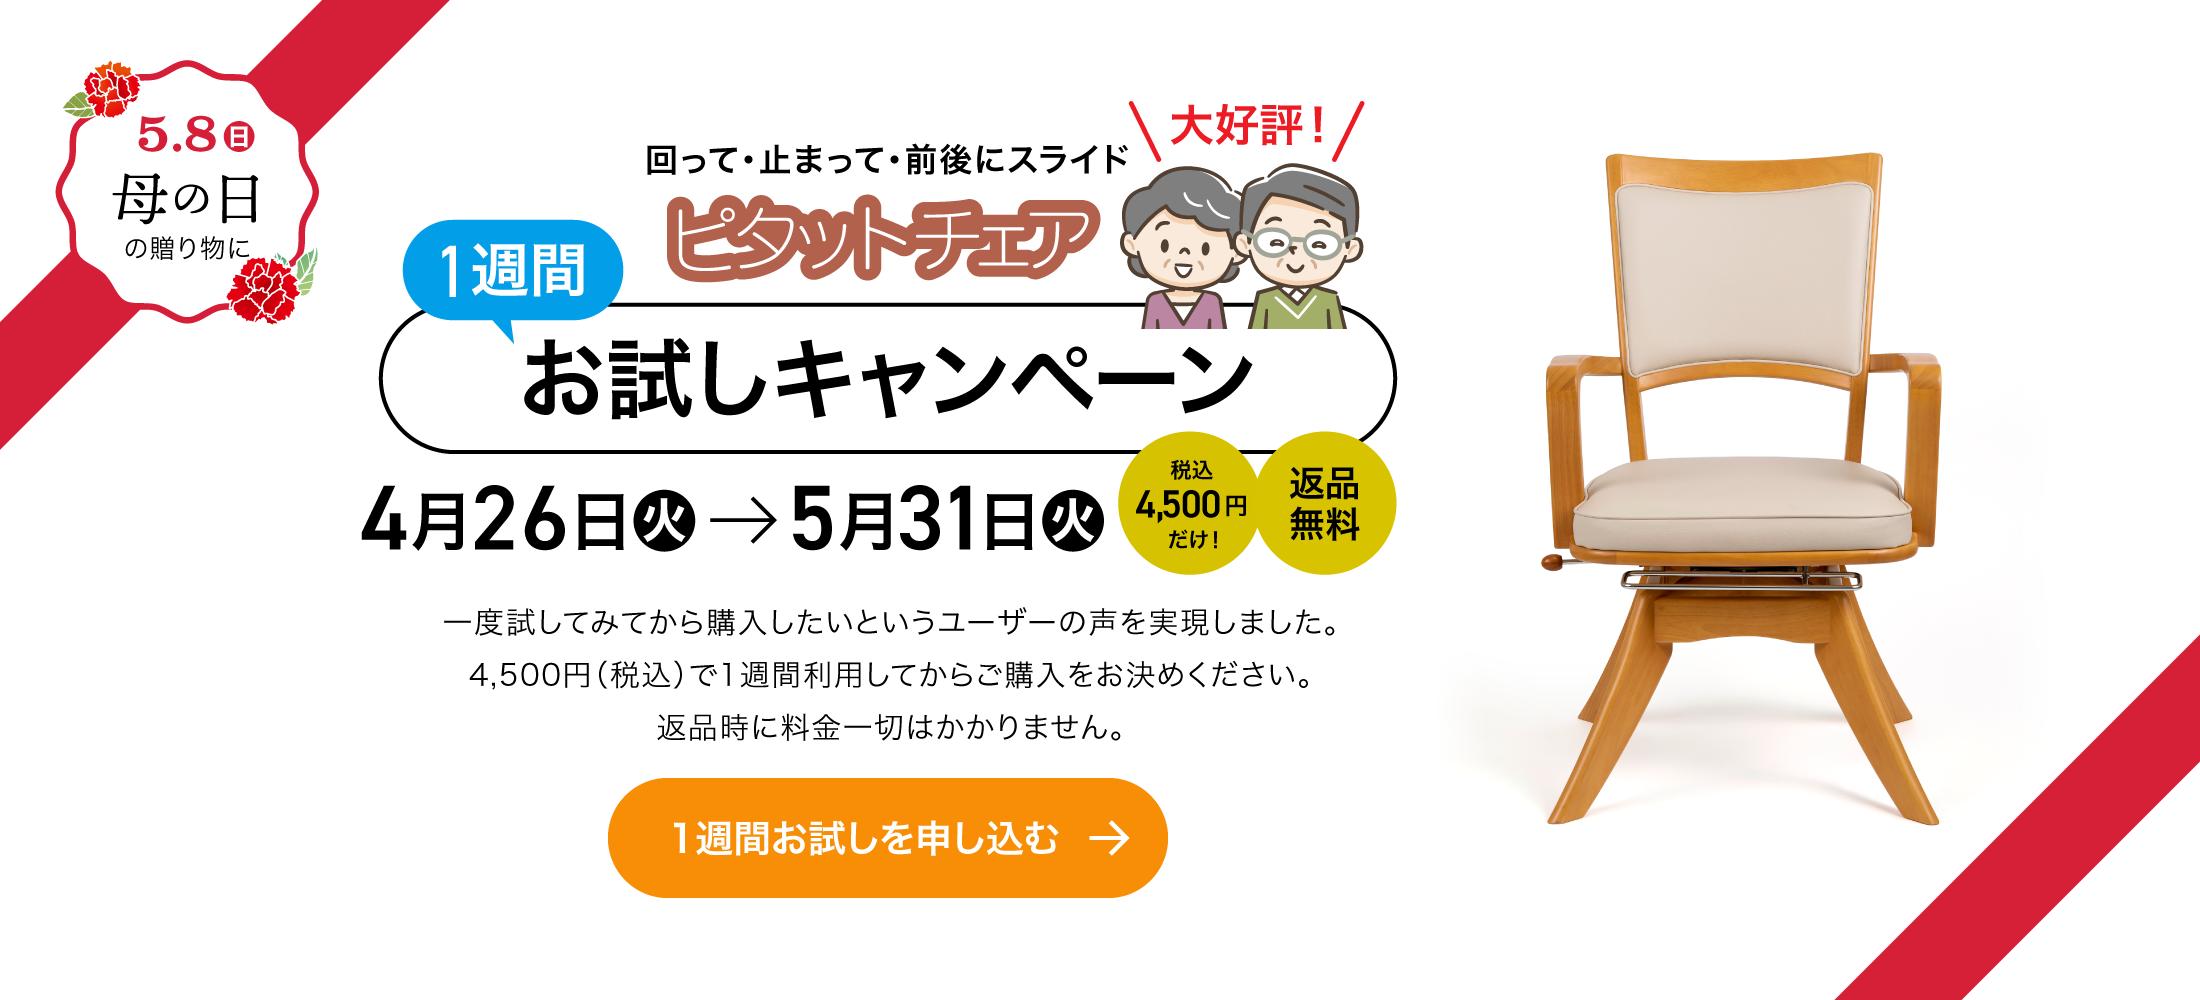 大好評!ピタットチェアEXを税込3,500円で1週間お試しいただけるキャンペーン。気に入ったら差額のみでそのまま購入。気に入らなくても無料で返品可能です。2020年10月9日まで!